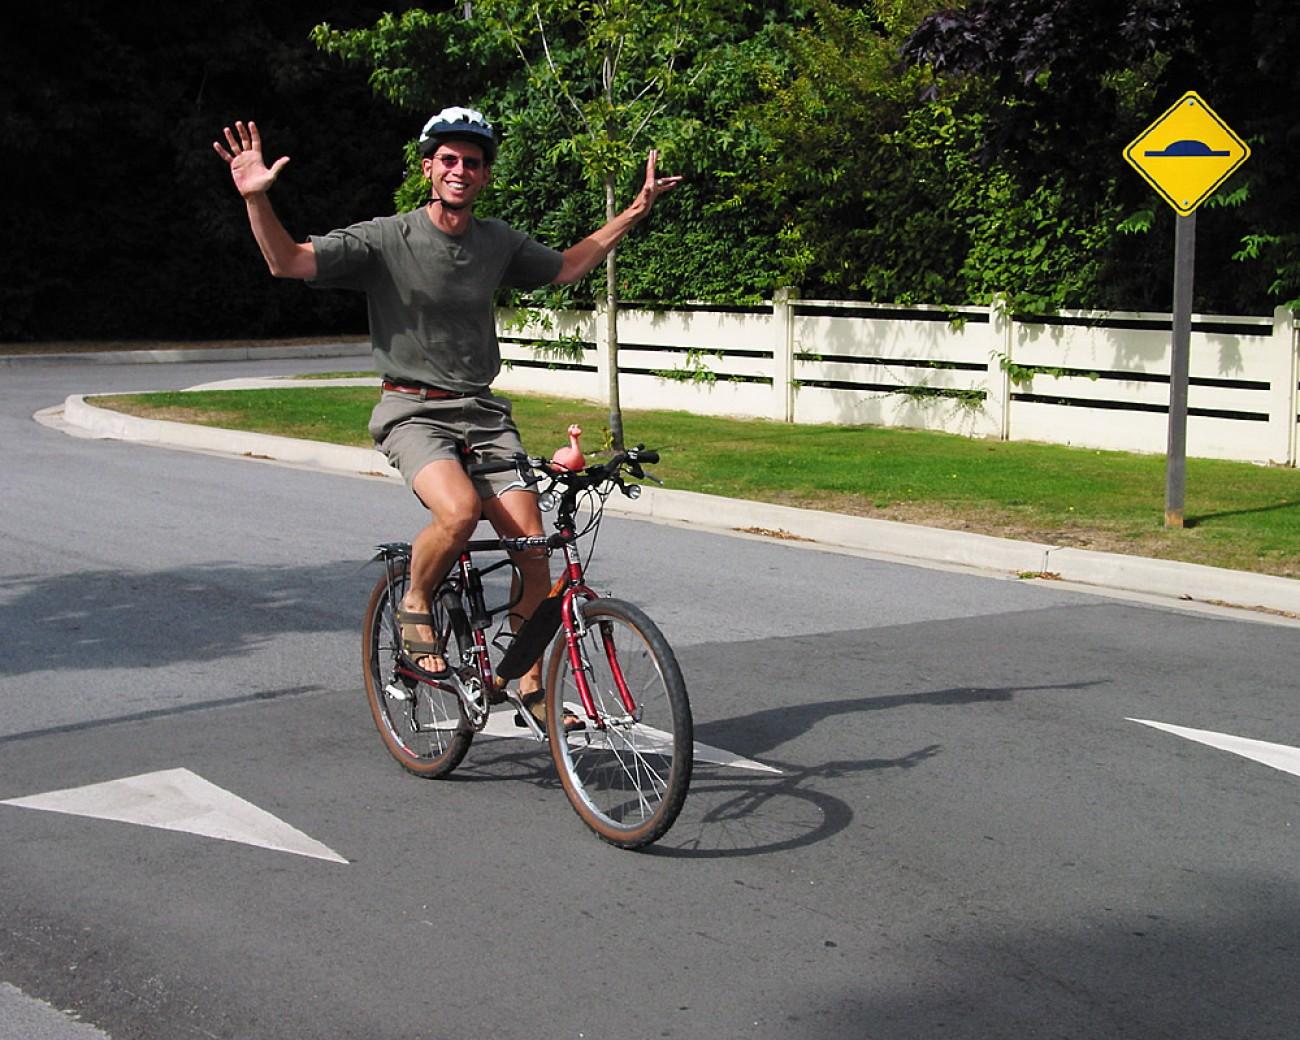 soltar-manos-bicicleta/